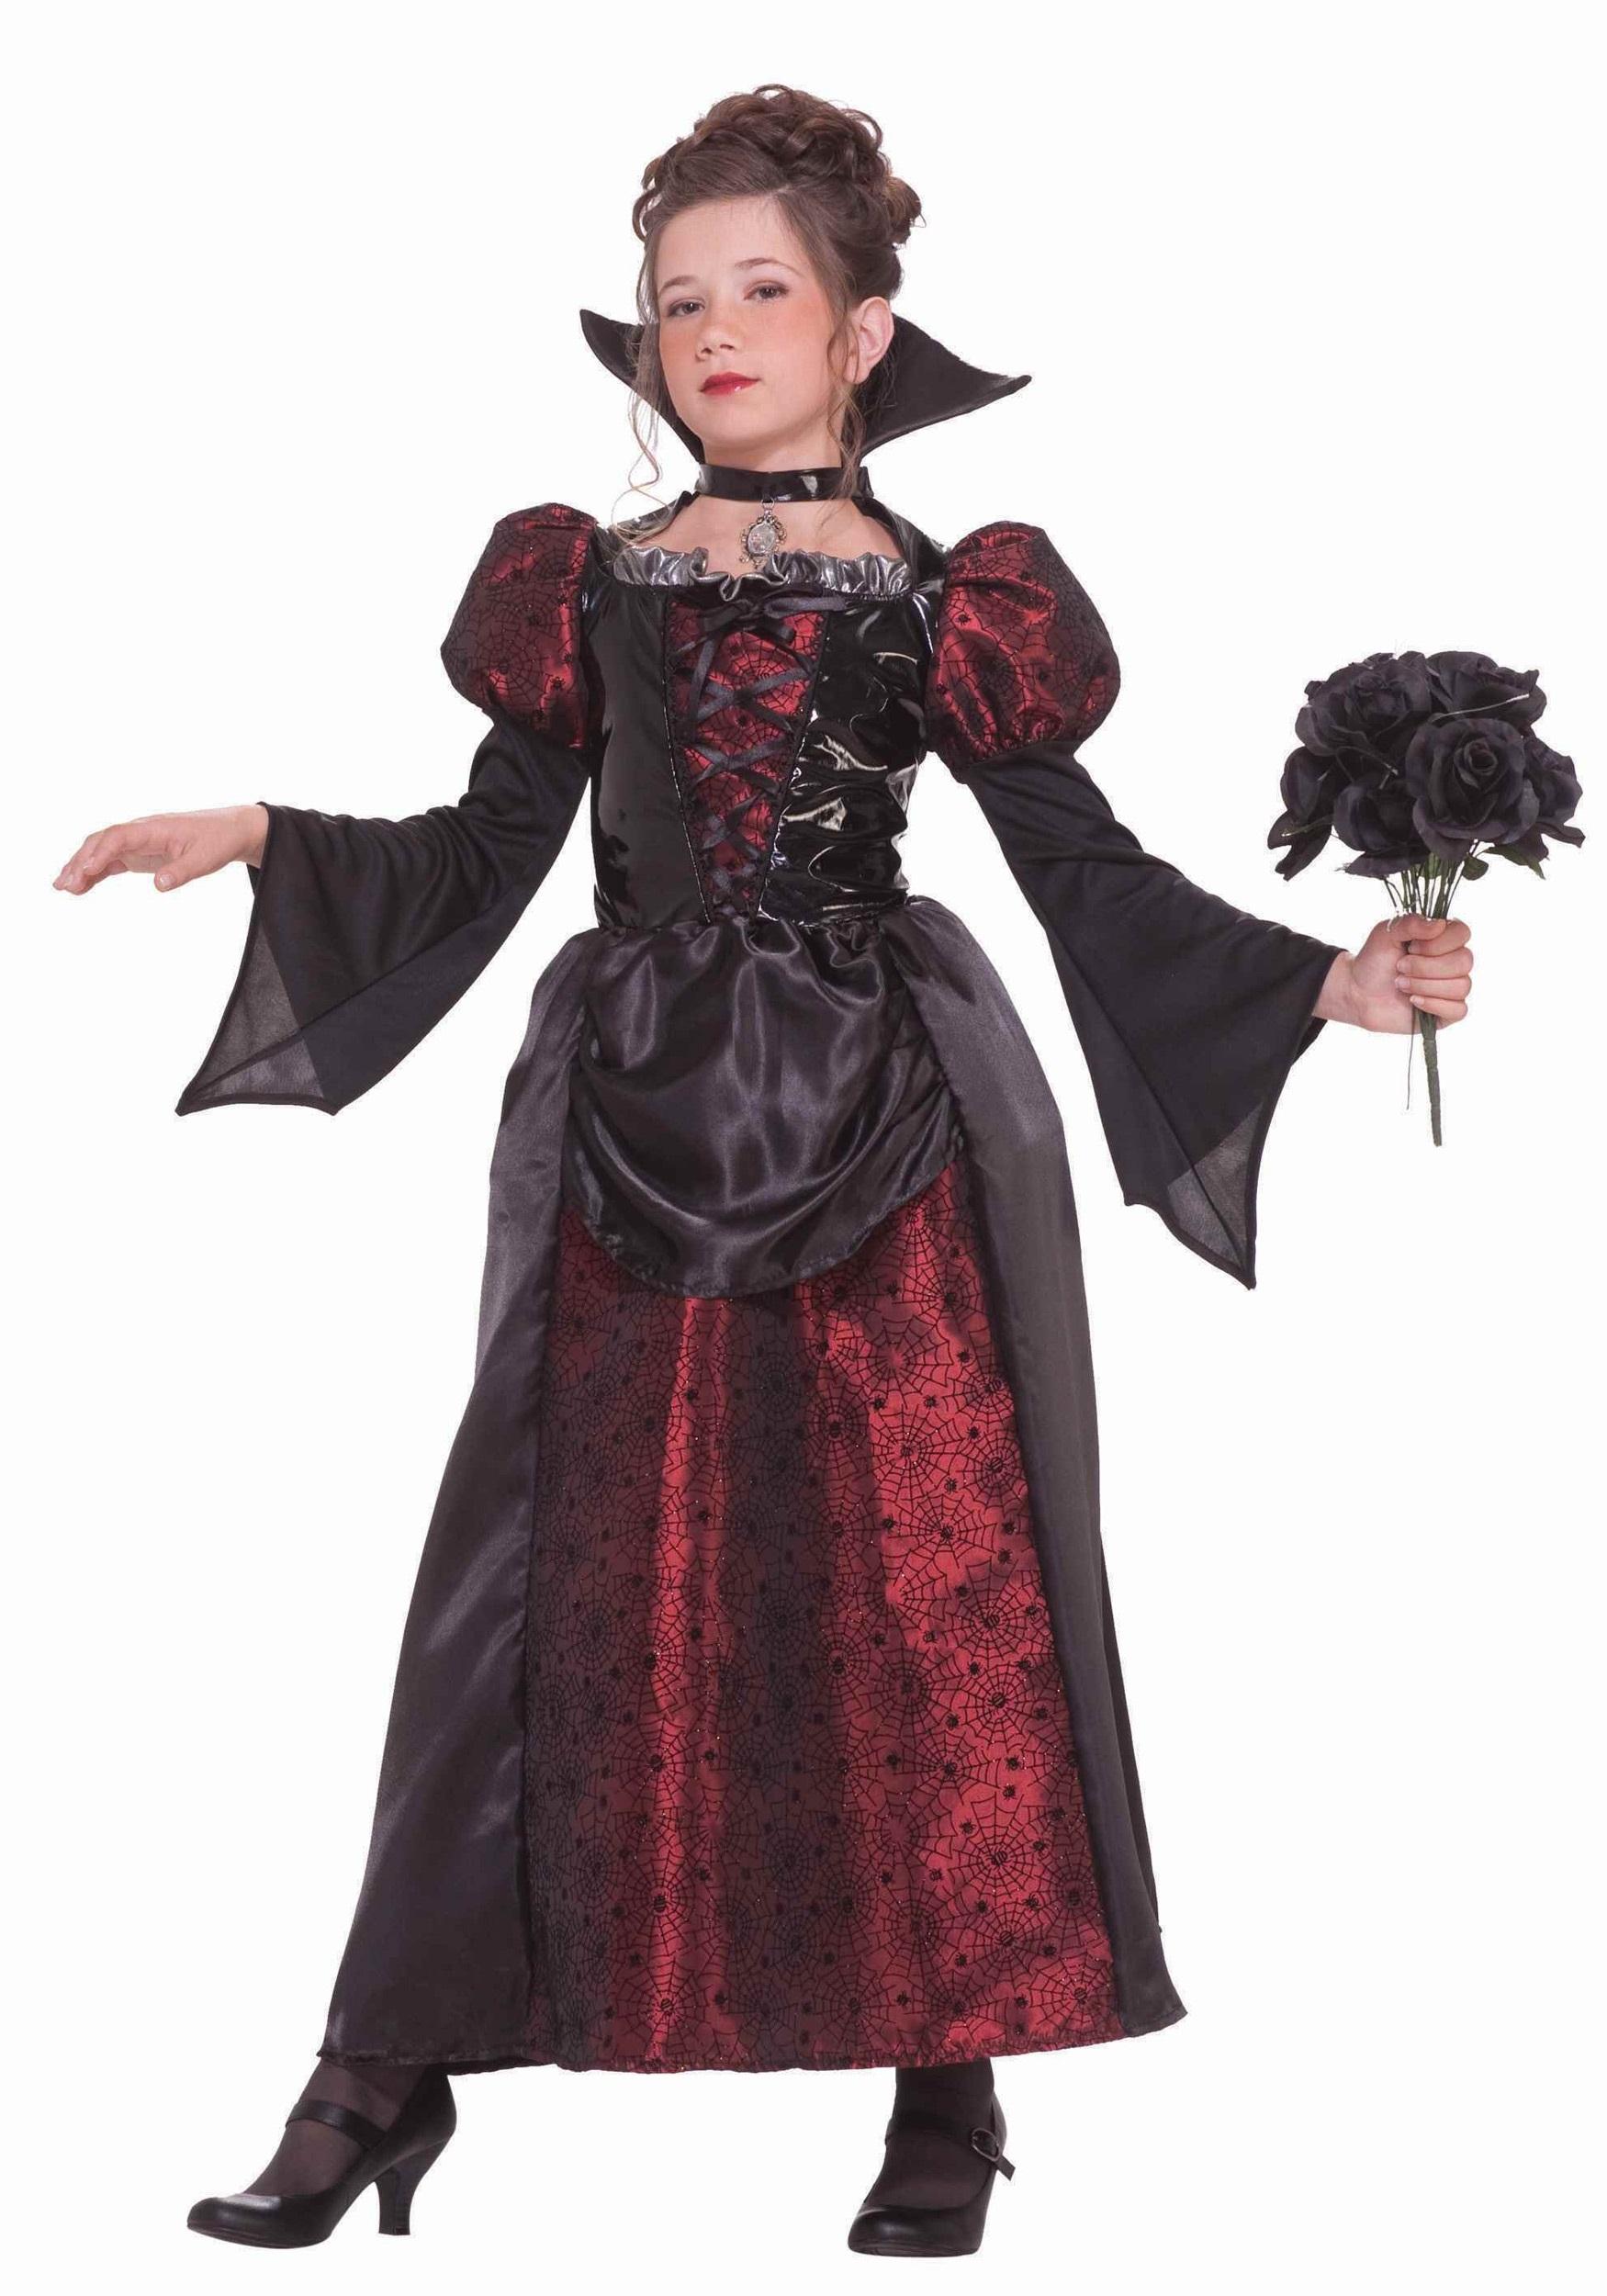 Girls V&ire Miss Costume  sc 1 st  Halloween Costumes & Girls Vampire Miss Costume - Halloween Costumes